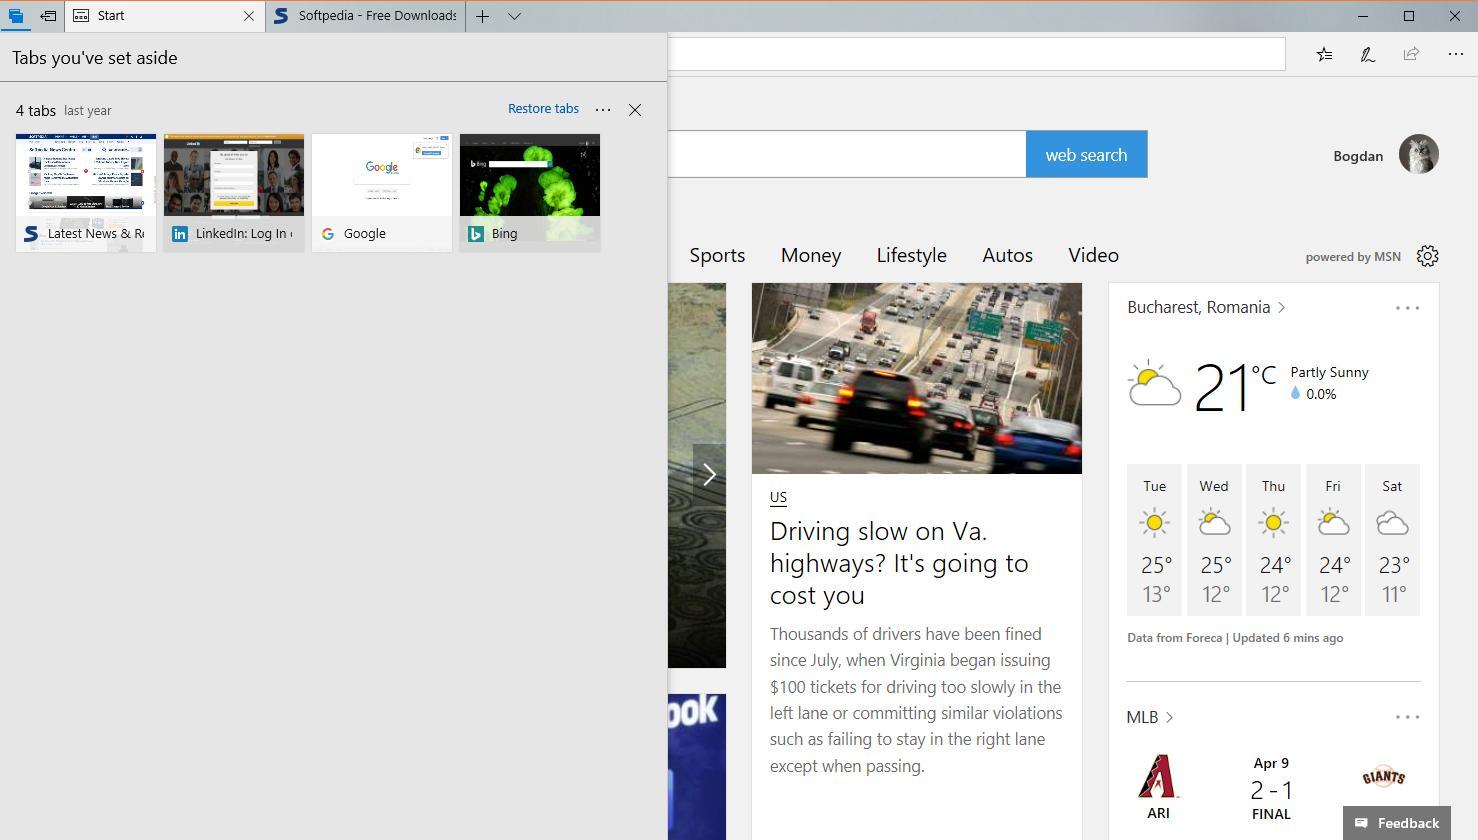 Microsoft đã cải tiến trình duyệt Edge trong Windows 10 Spring Creators Update như thế nào?